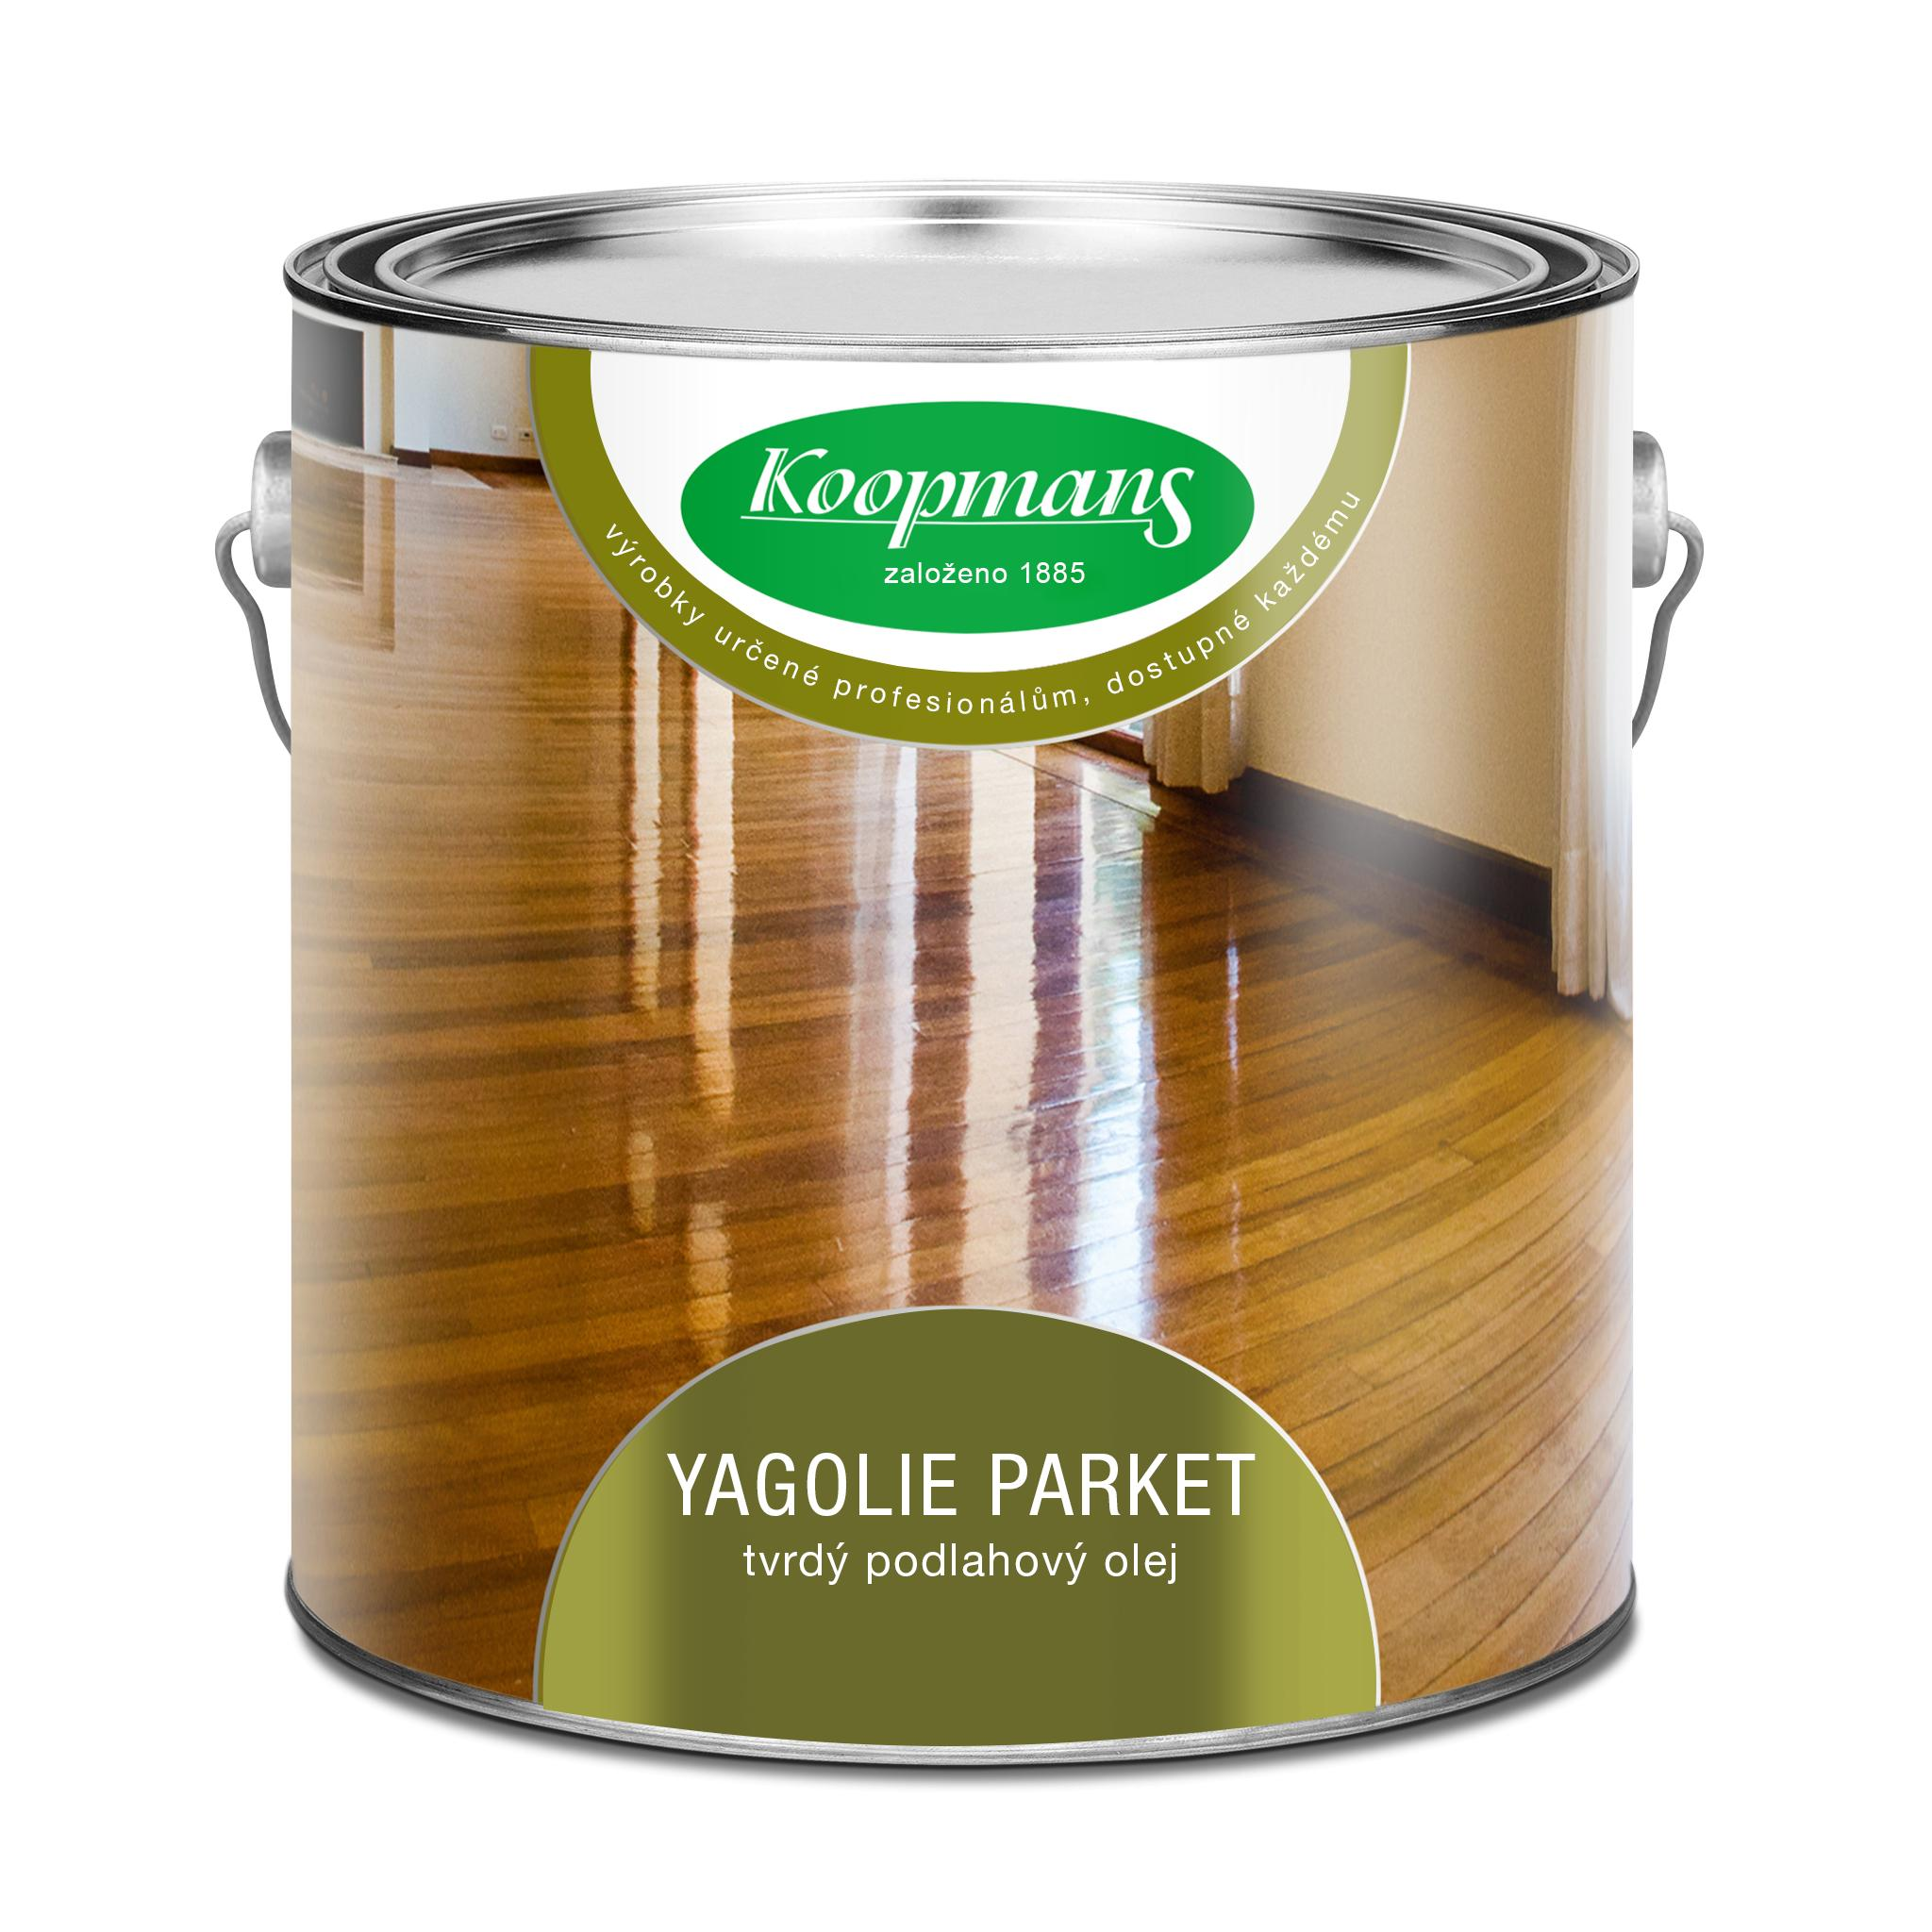 Koopmans YAGOLIE Parket - tvrdý podlahový olej